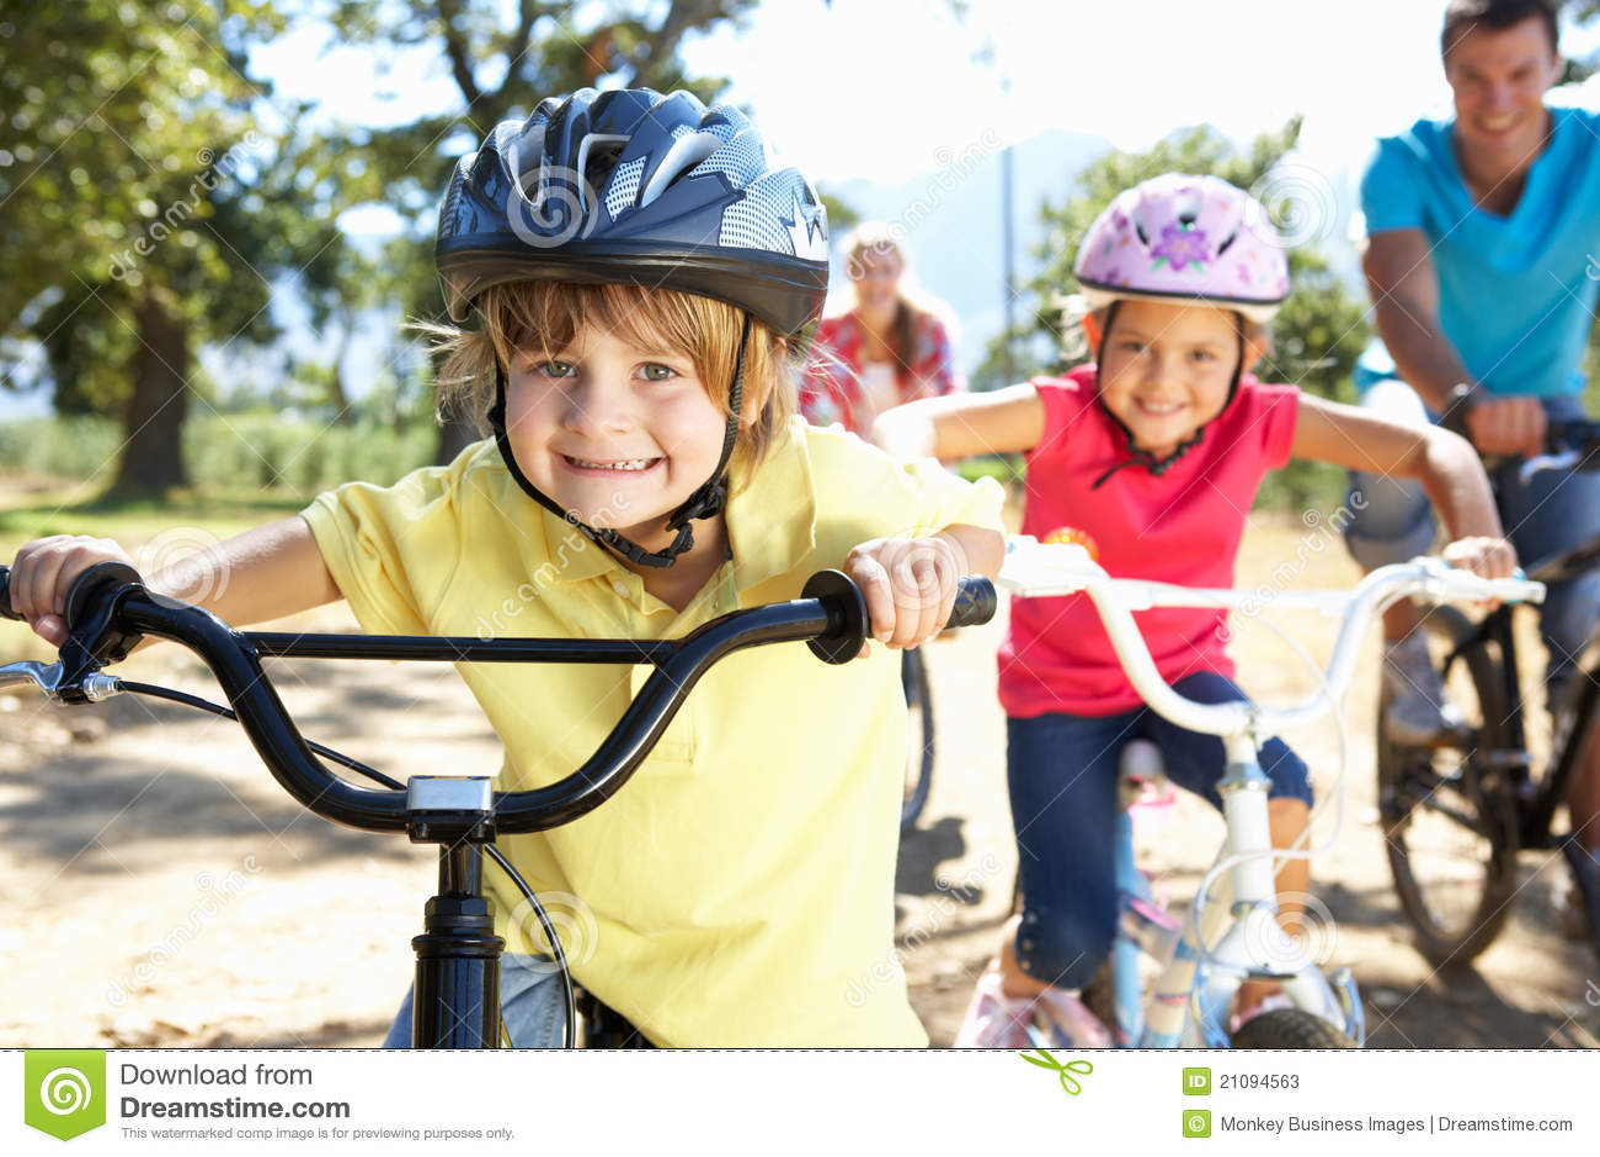 Girl Helmets For Bikes